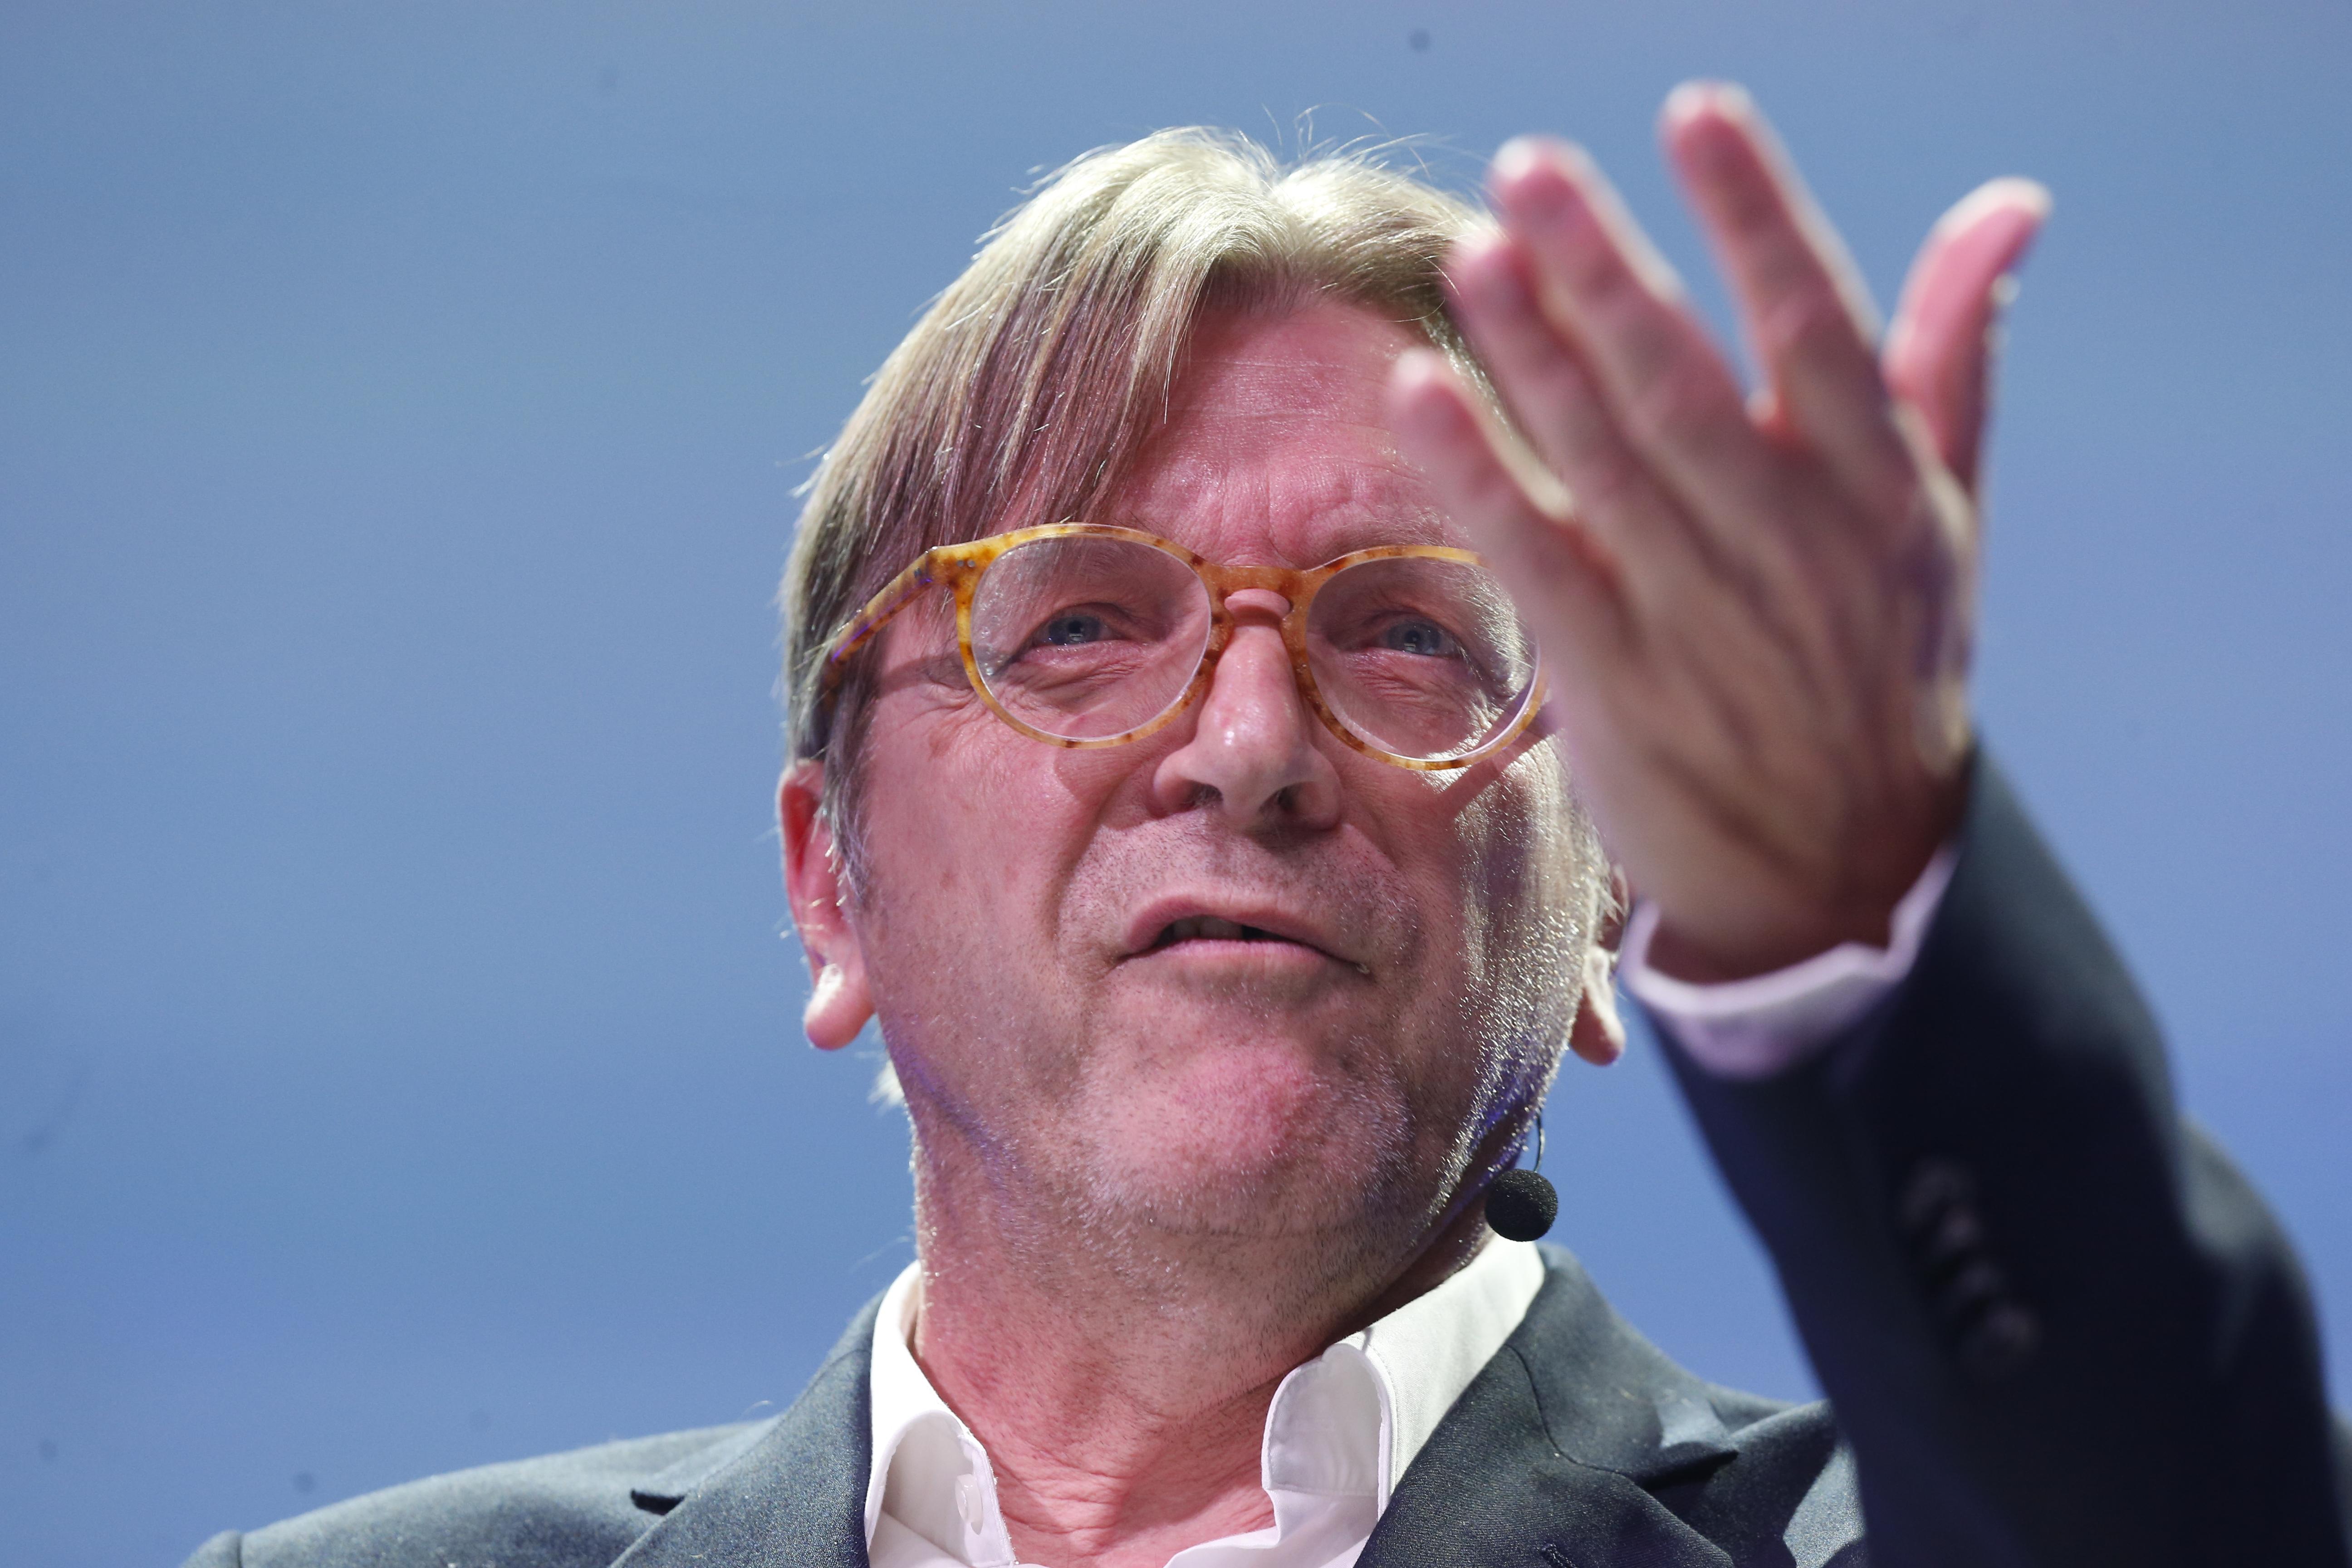 Guy Verhofstadt is aláírta a Momentum népszavazási kezdeményezését a civiltörvény ellen